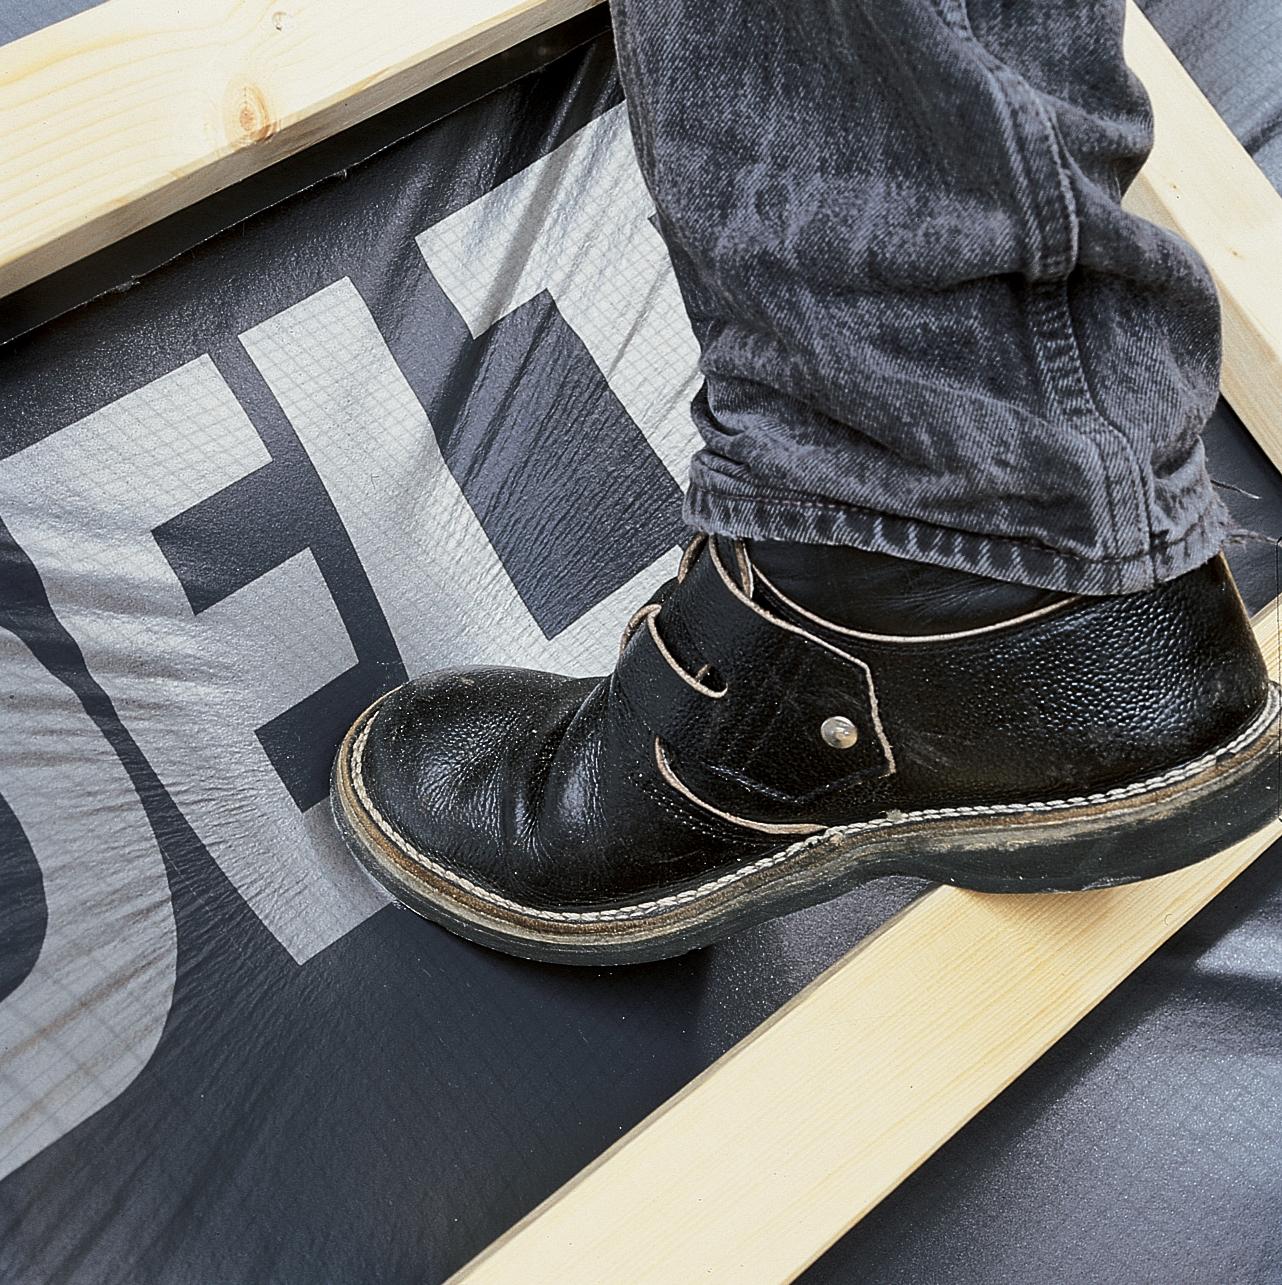 prezentare produs membrane pentru acoperisuri neventilate fara astereala delta poza 4. Black Bedroom Furniture Sets. Home Design Ideas